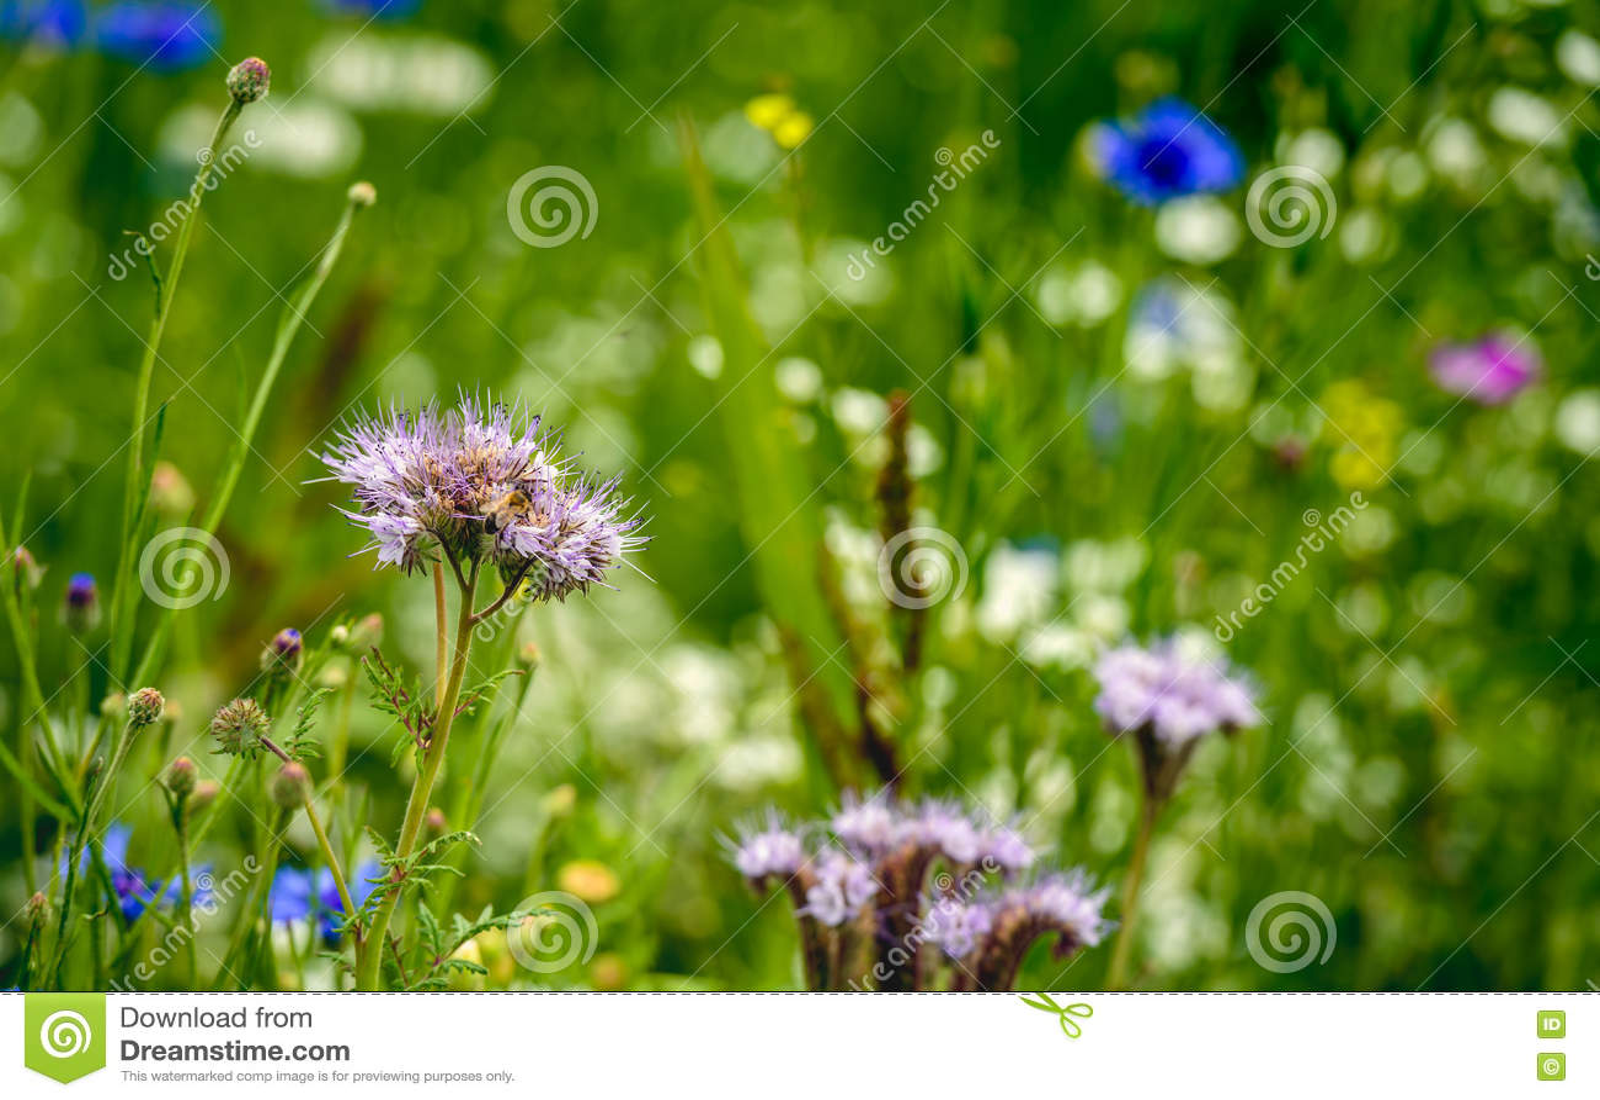 Άκρη τομέων για να υποστηρίξει τη συντήρηση της βιοποικιλότητας